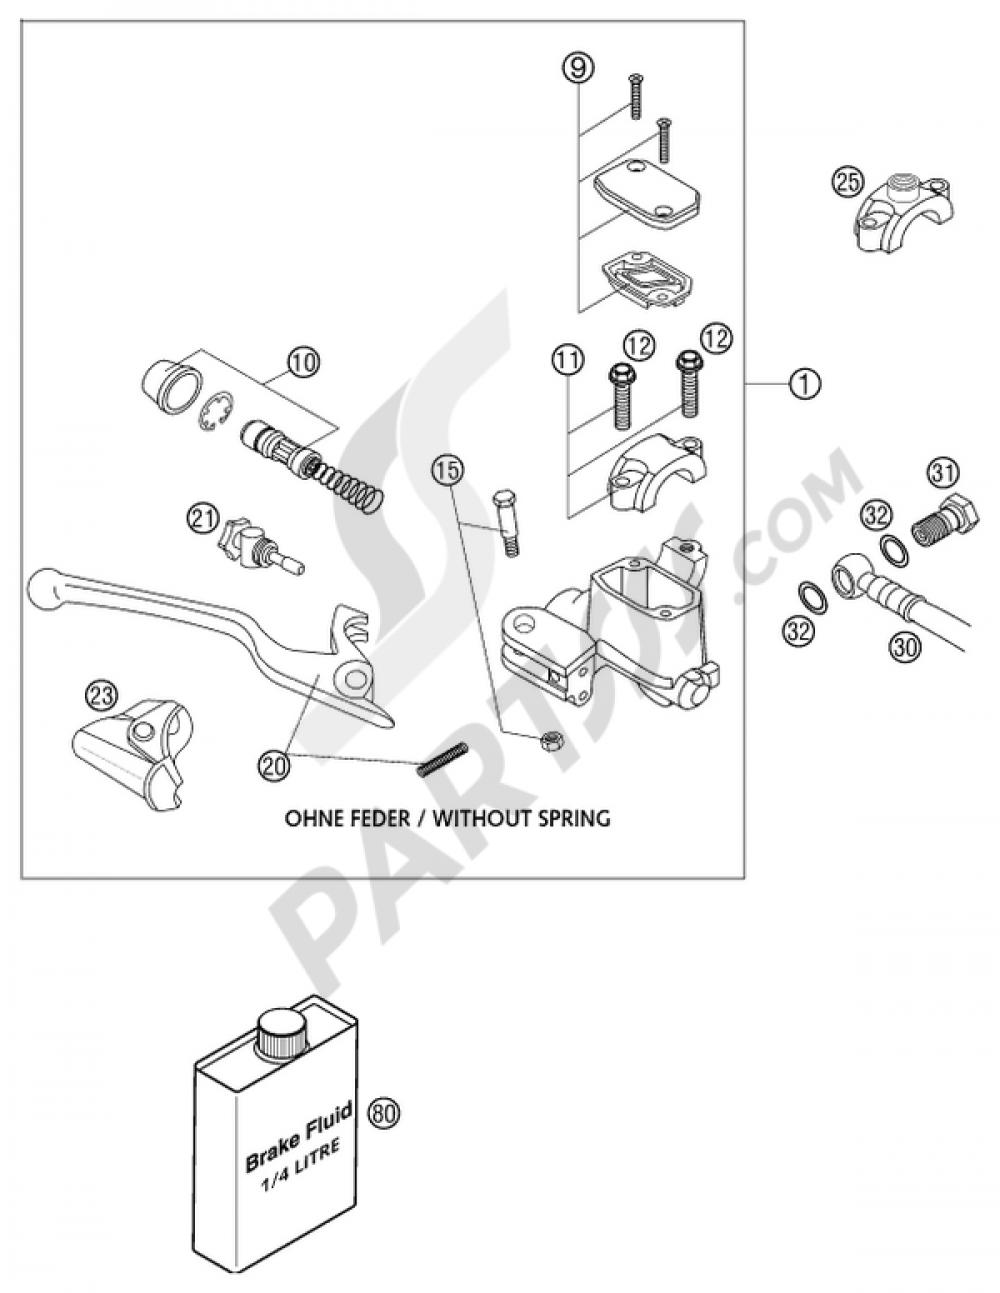 Hand Brake Cylinder 640 Lc4 Ad Ktm Adventure 2003 Eu Wiring Diagram